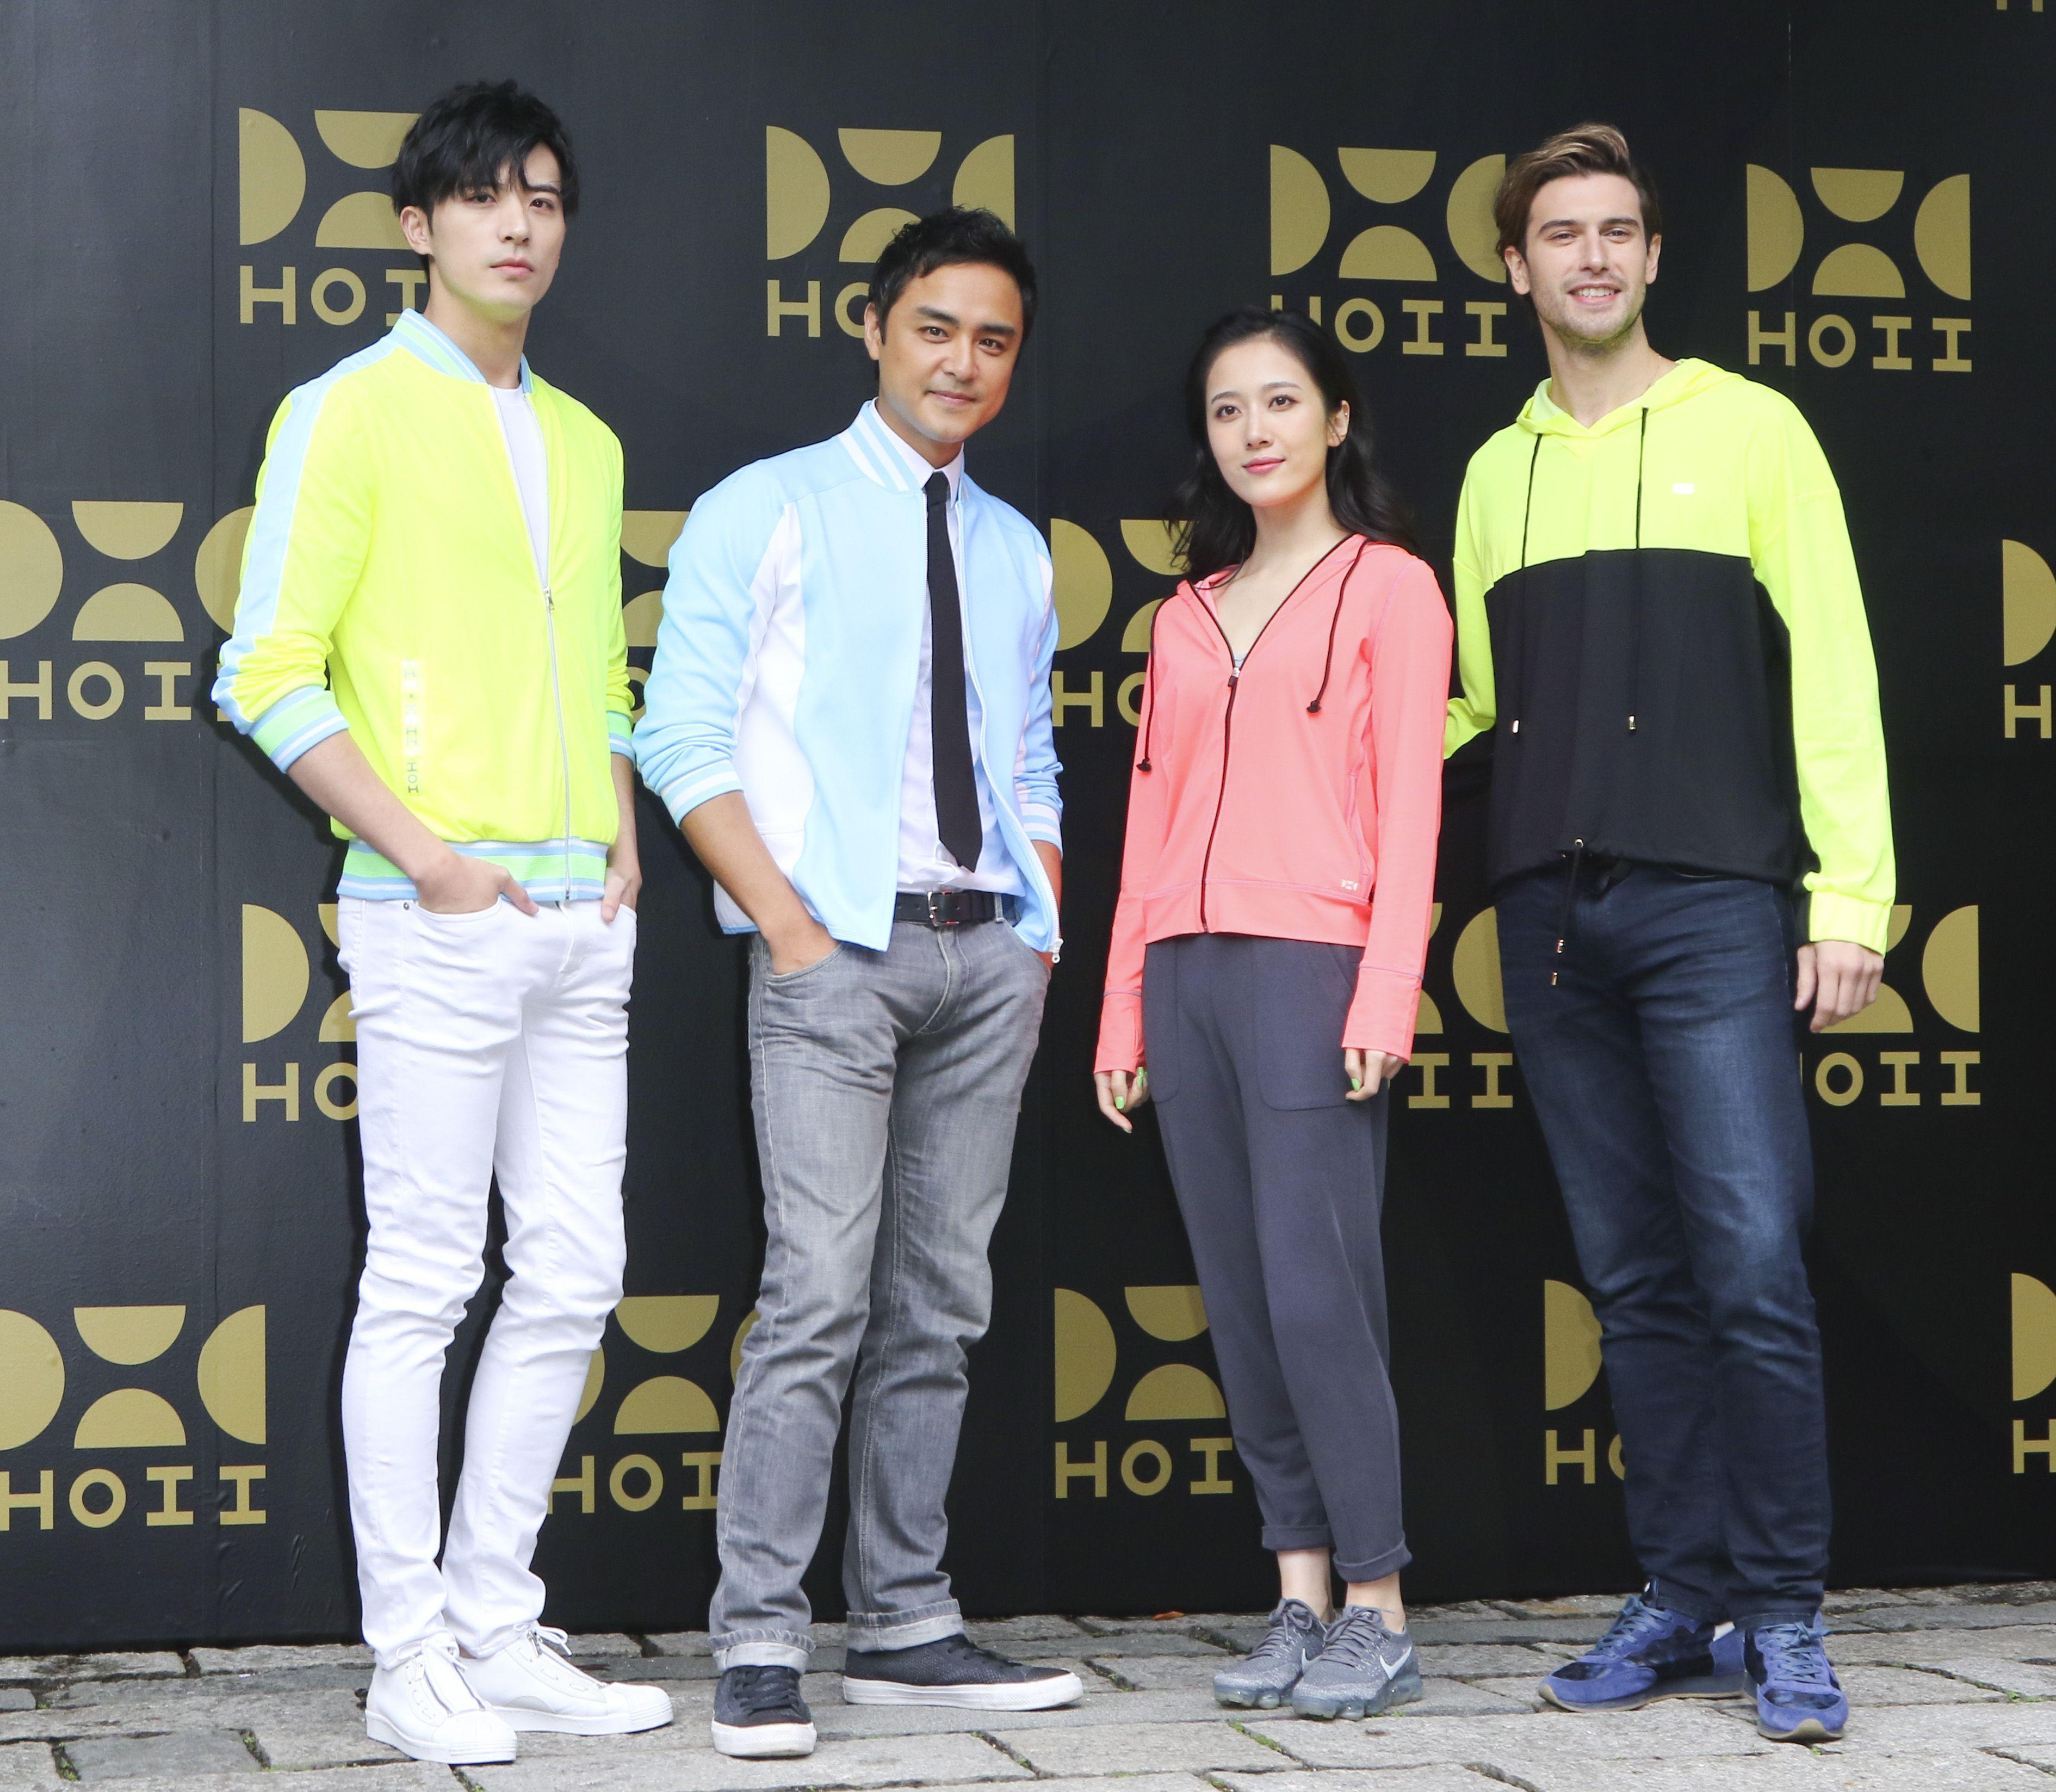 明道、徐開騁、楊欣穎、馬賽羅歐根參加防曬品牌發表會。(記者林士傑/攝影)